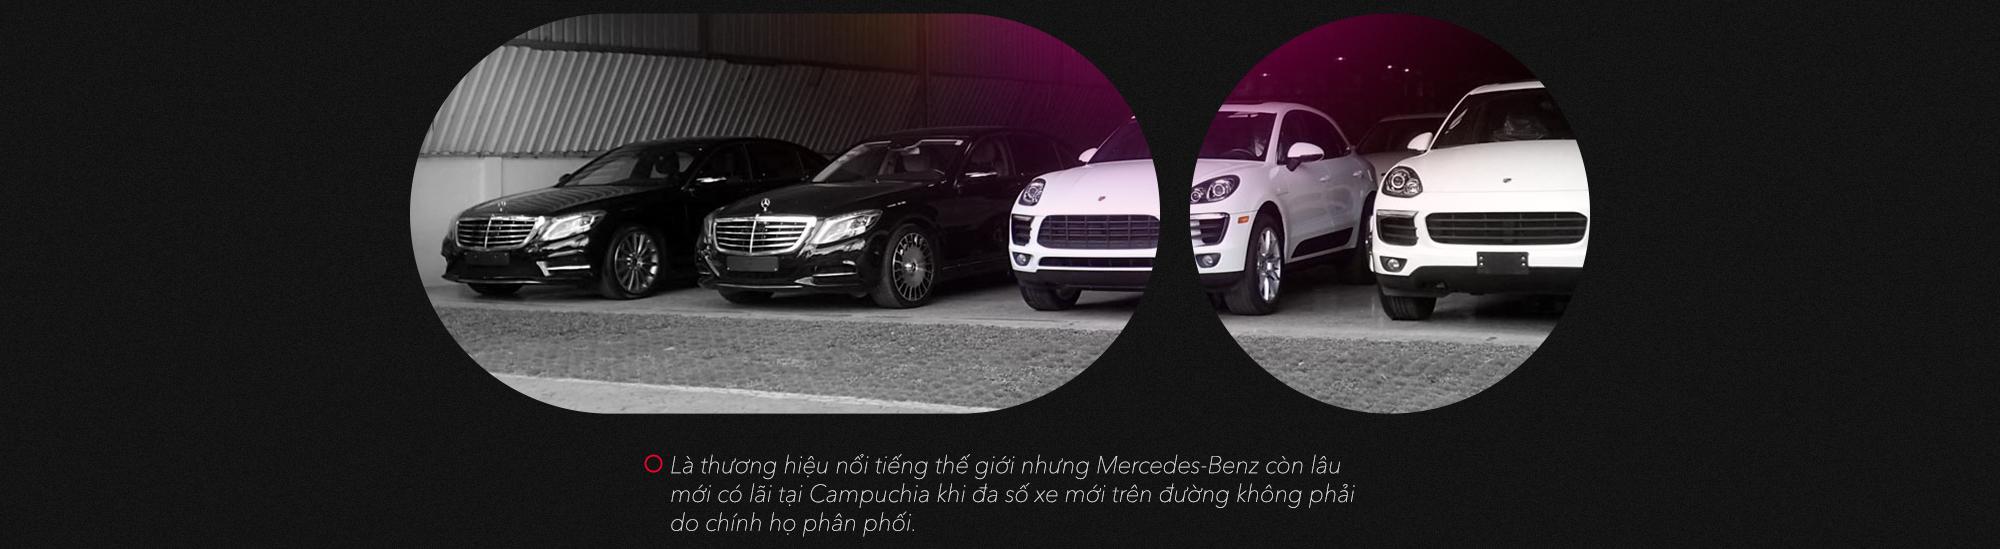 Vén mở góc khuất của thị trường xe nhập Campuchia: Rẻ và Rủi - Ảnh 10.